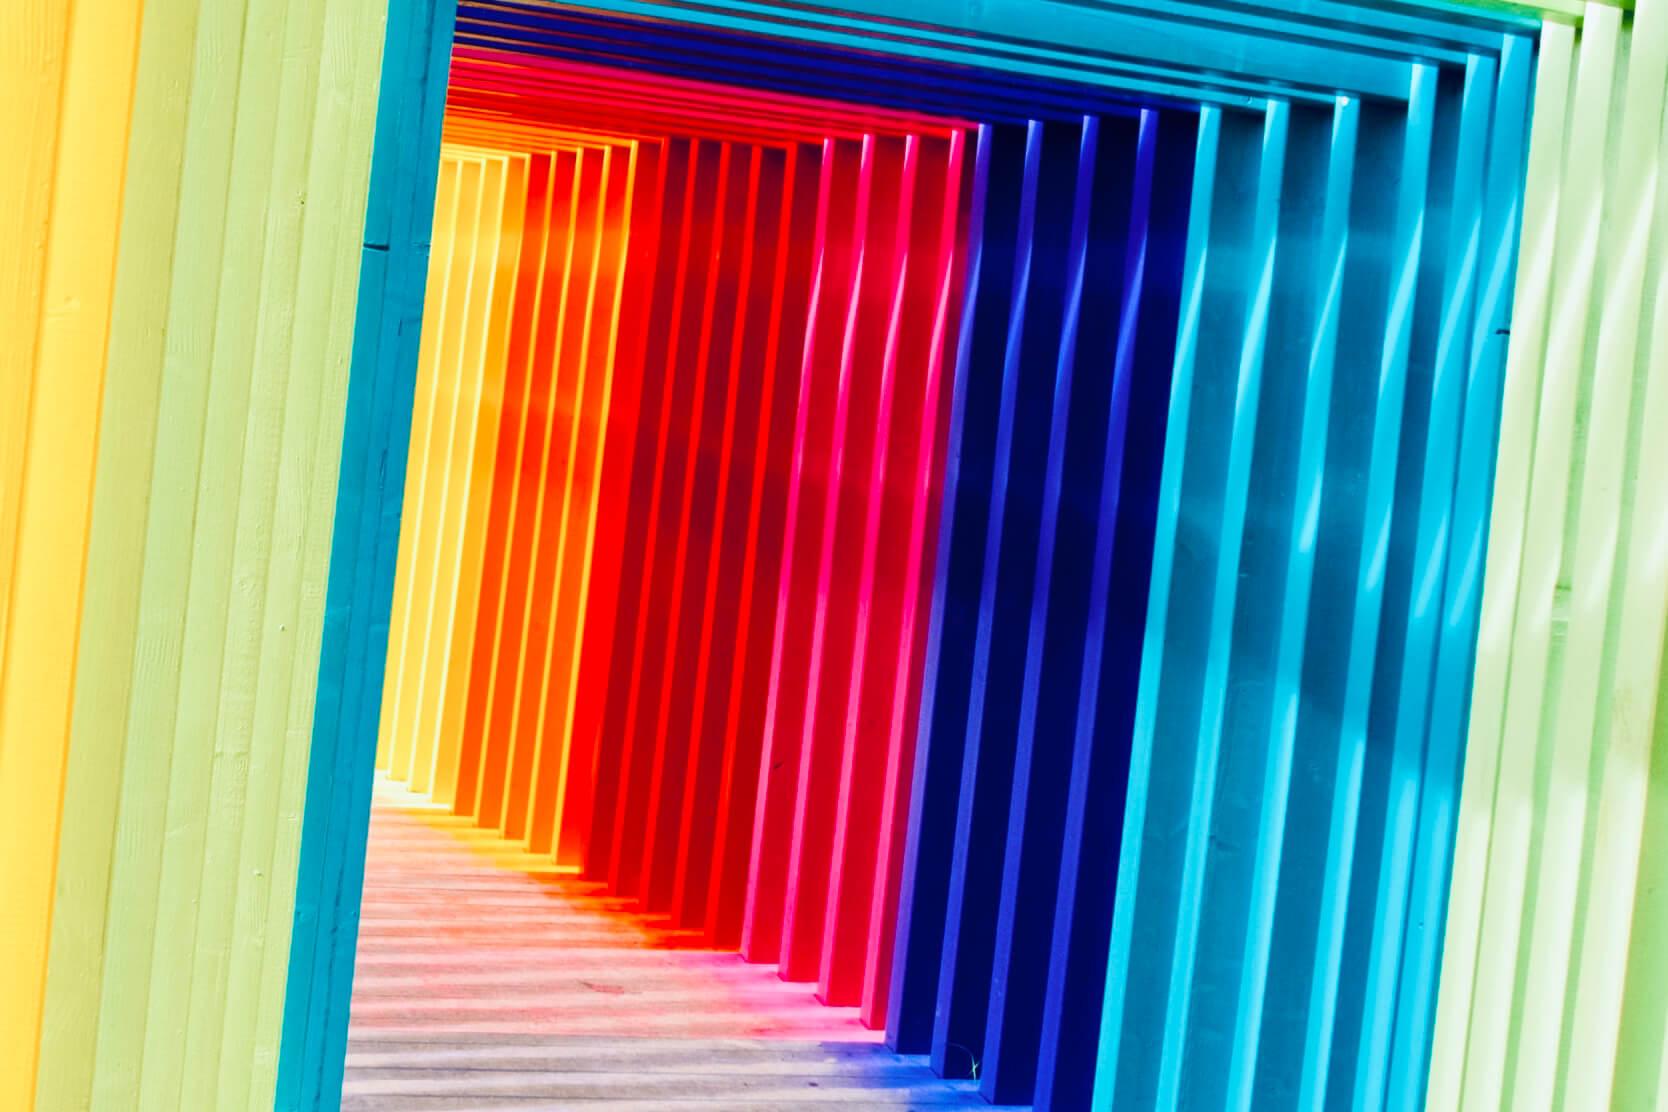 Виды цветовых моделей, применяемых в печати и компьютерной графике